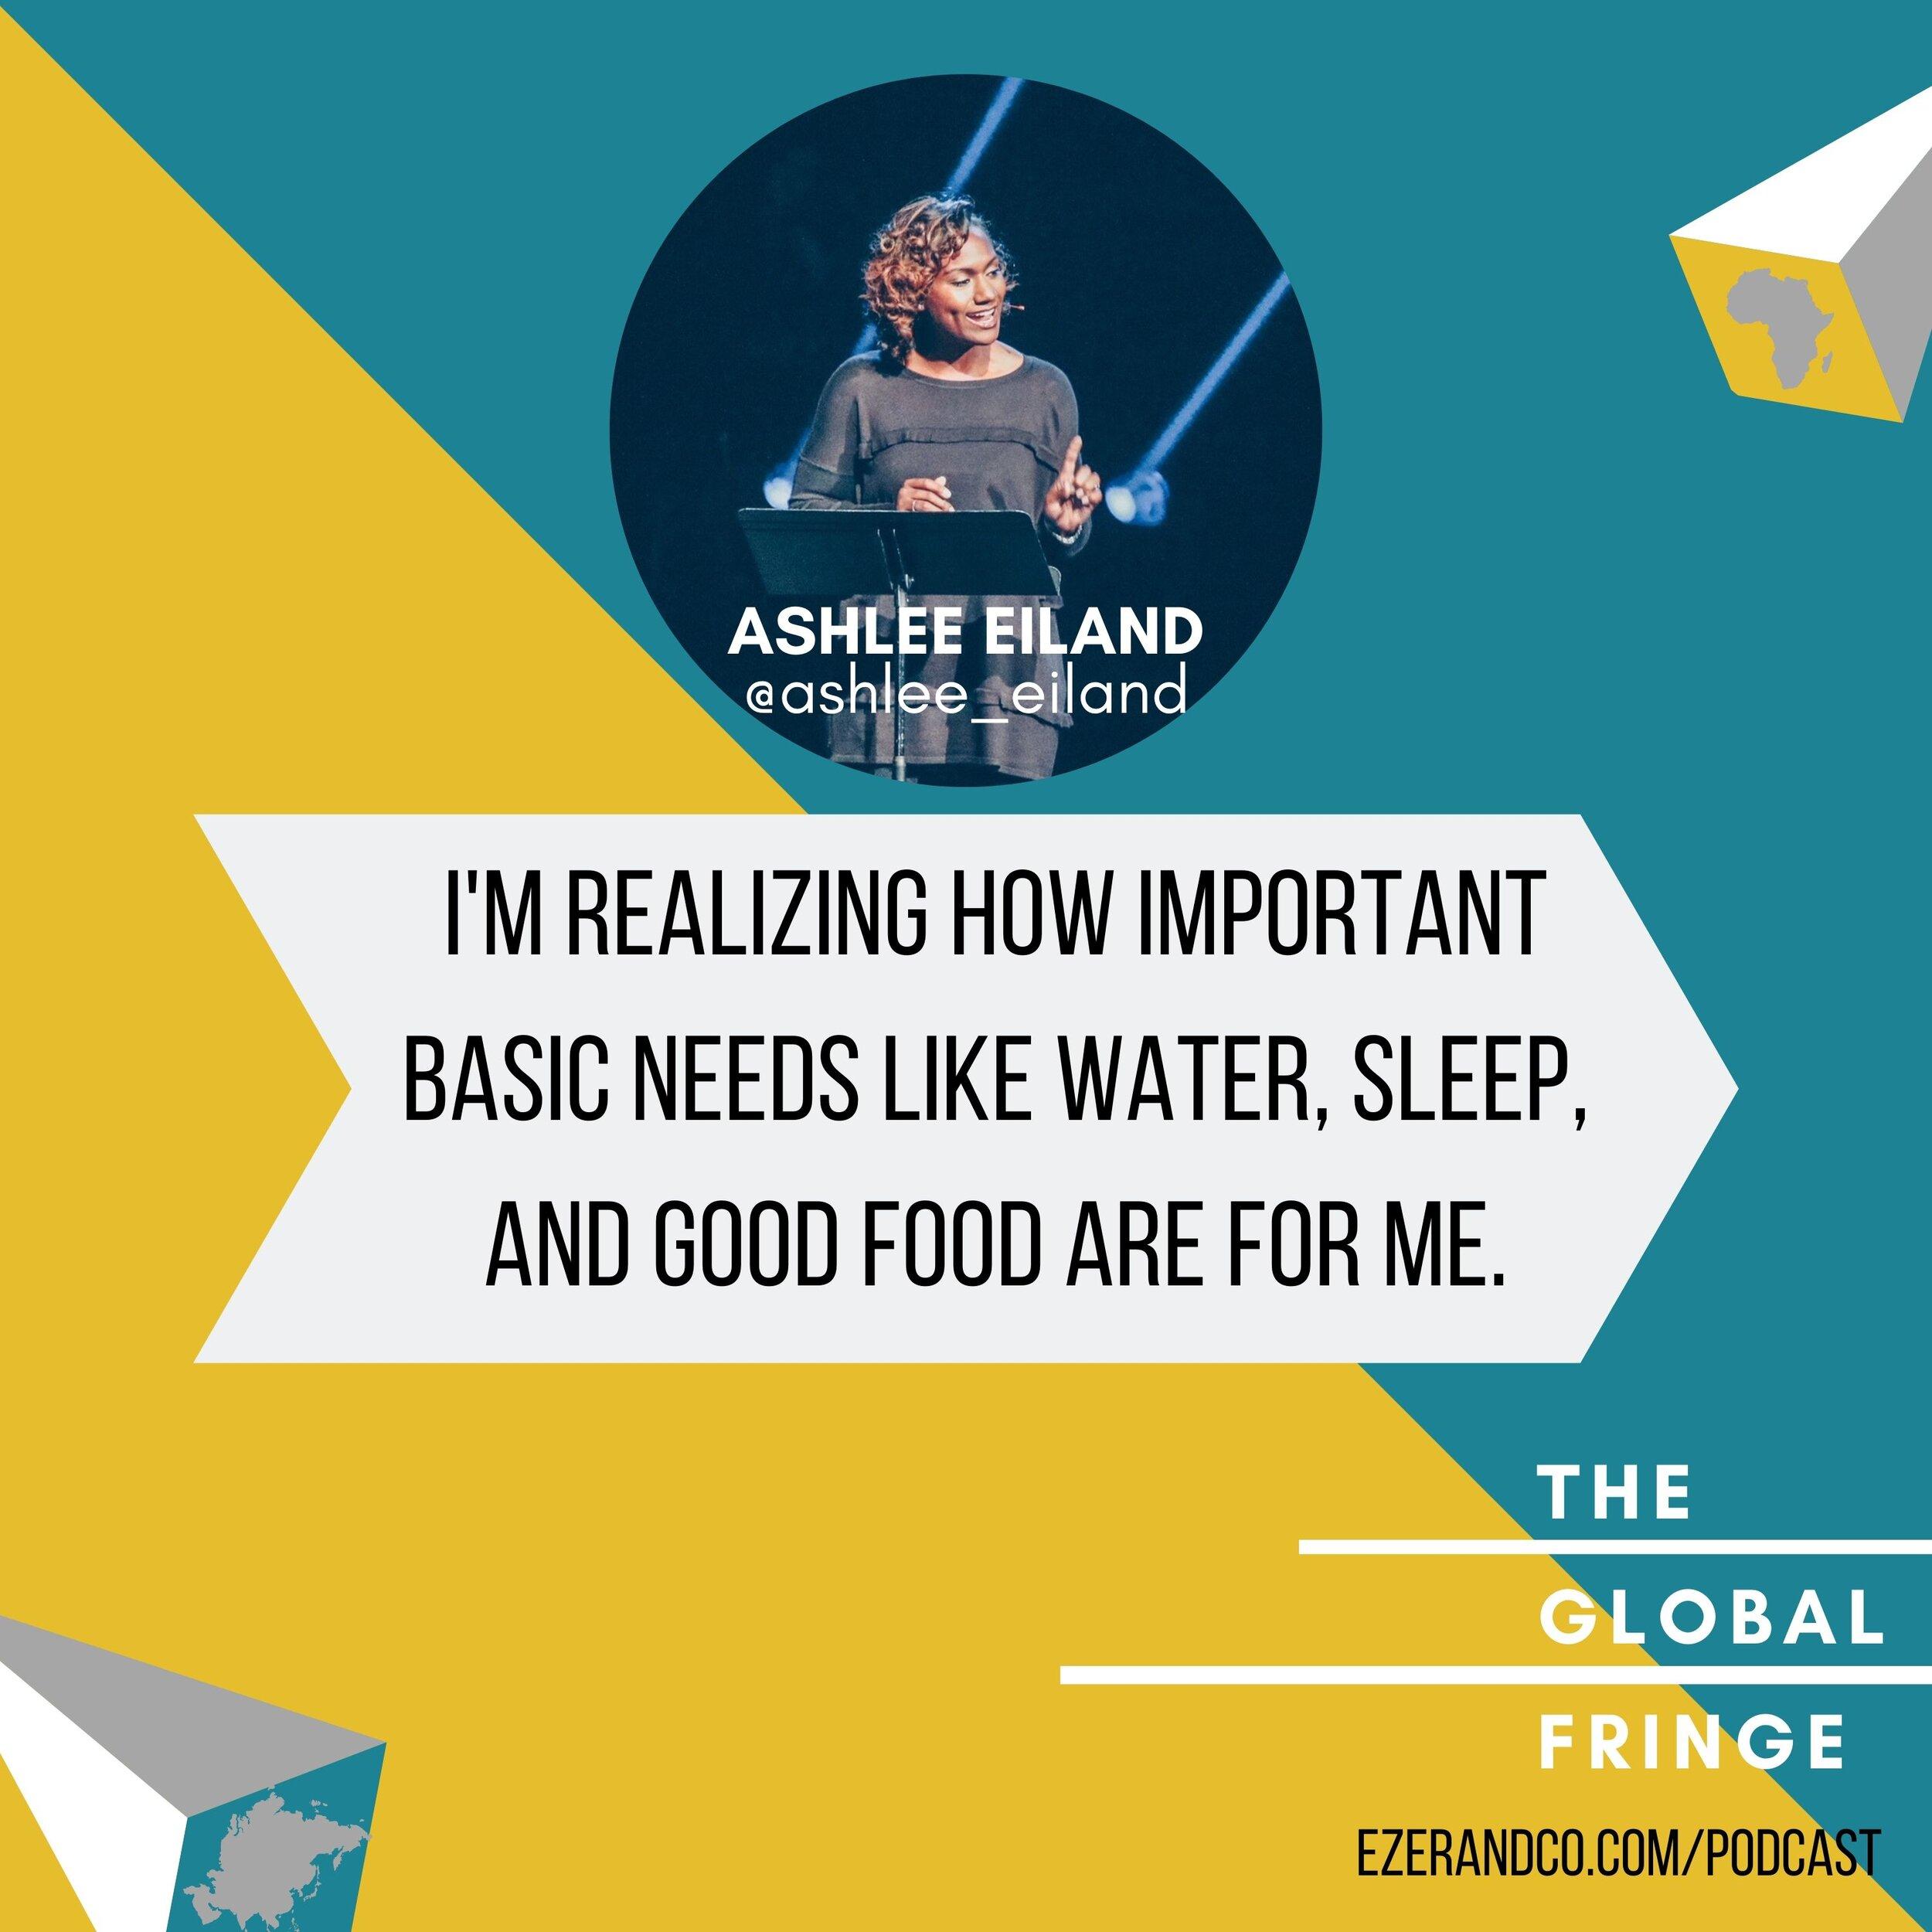 Ashlee Eiland - The Global Fringe